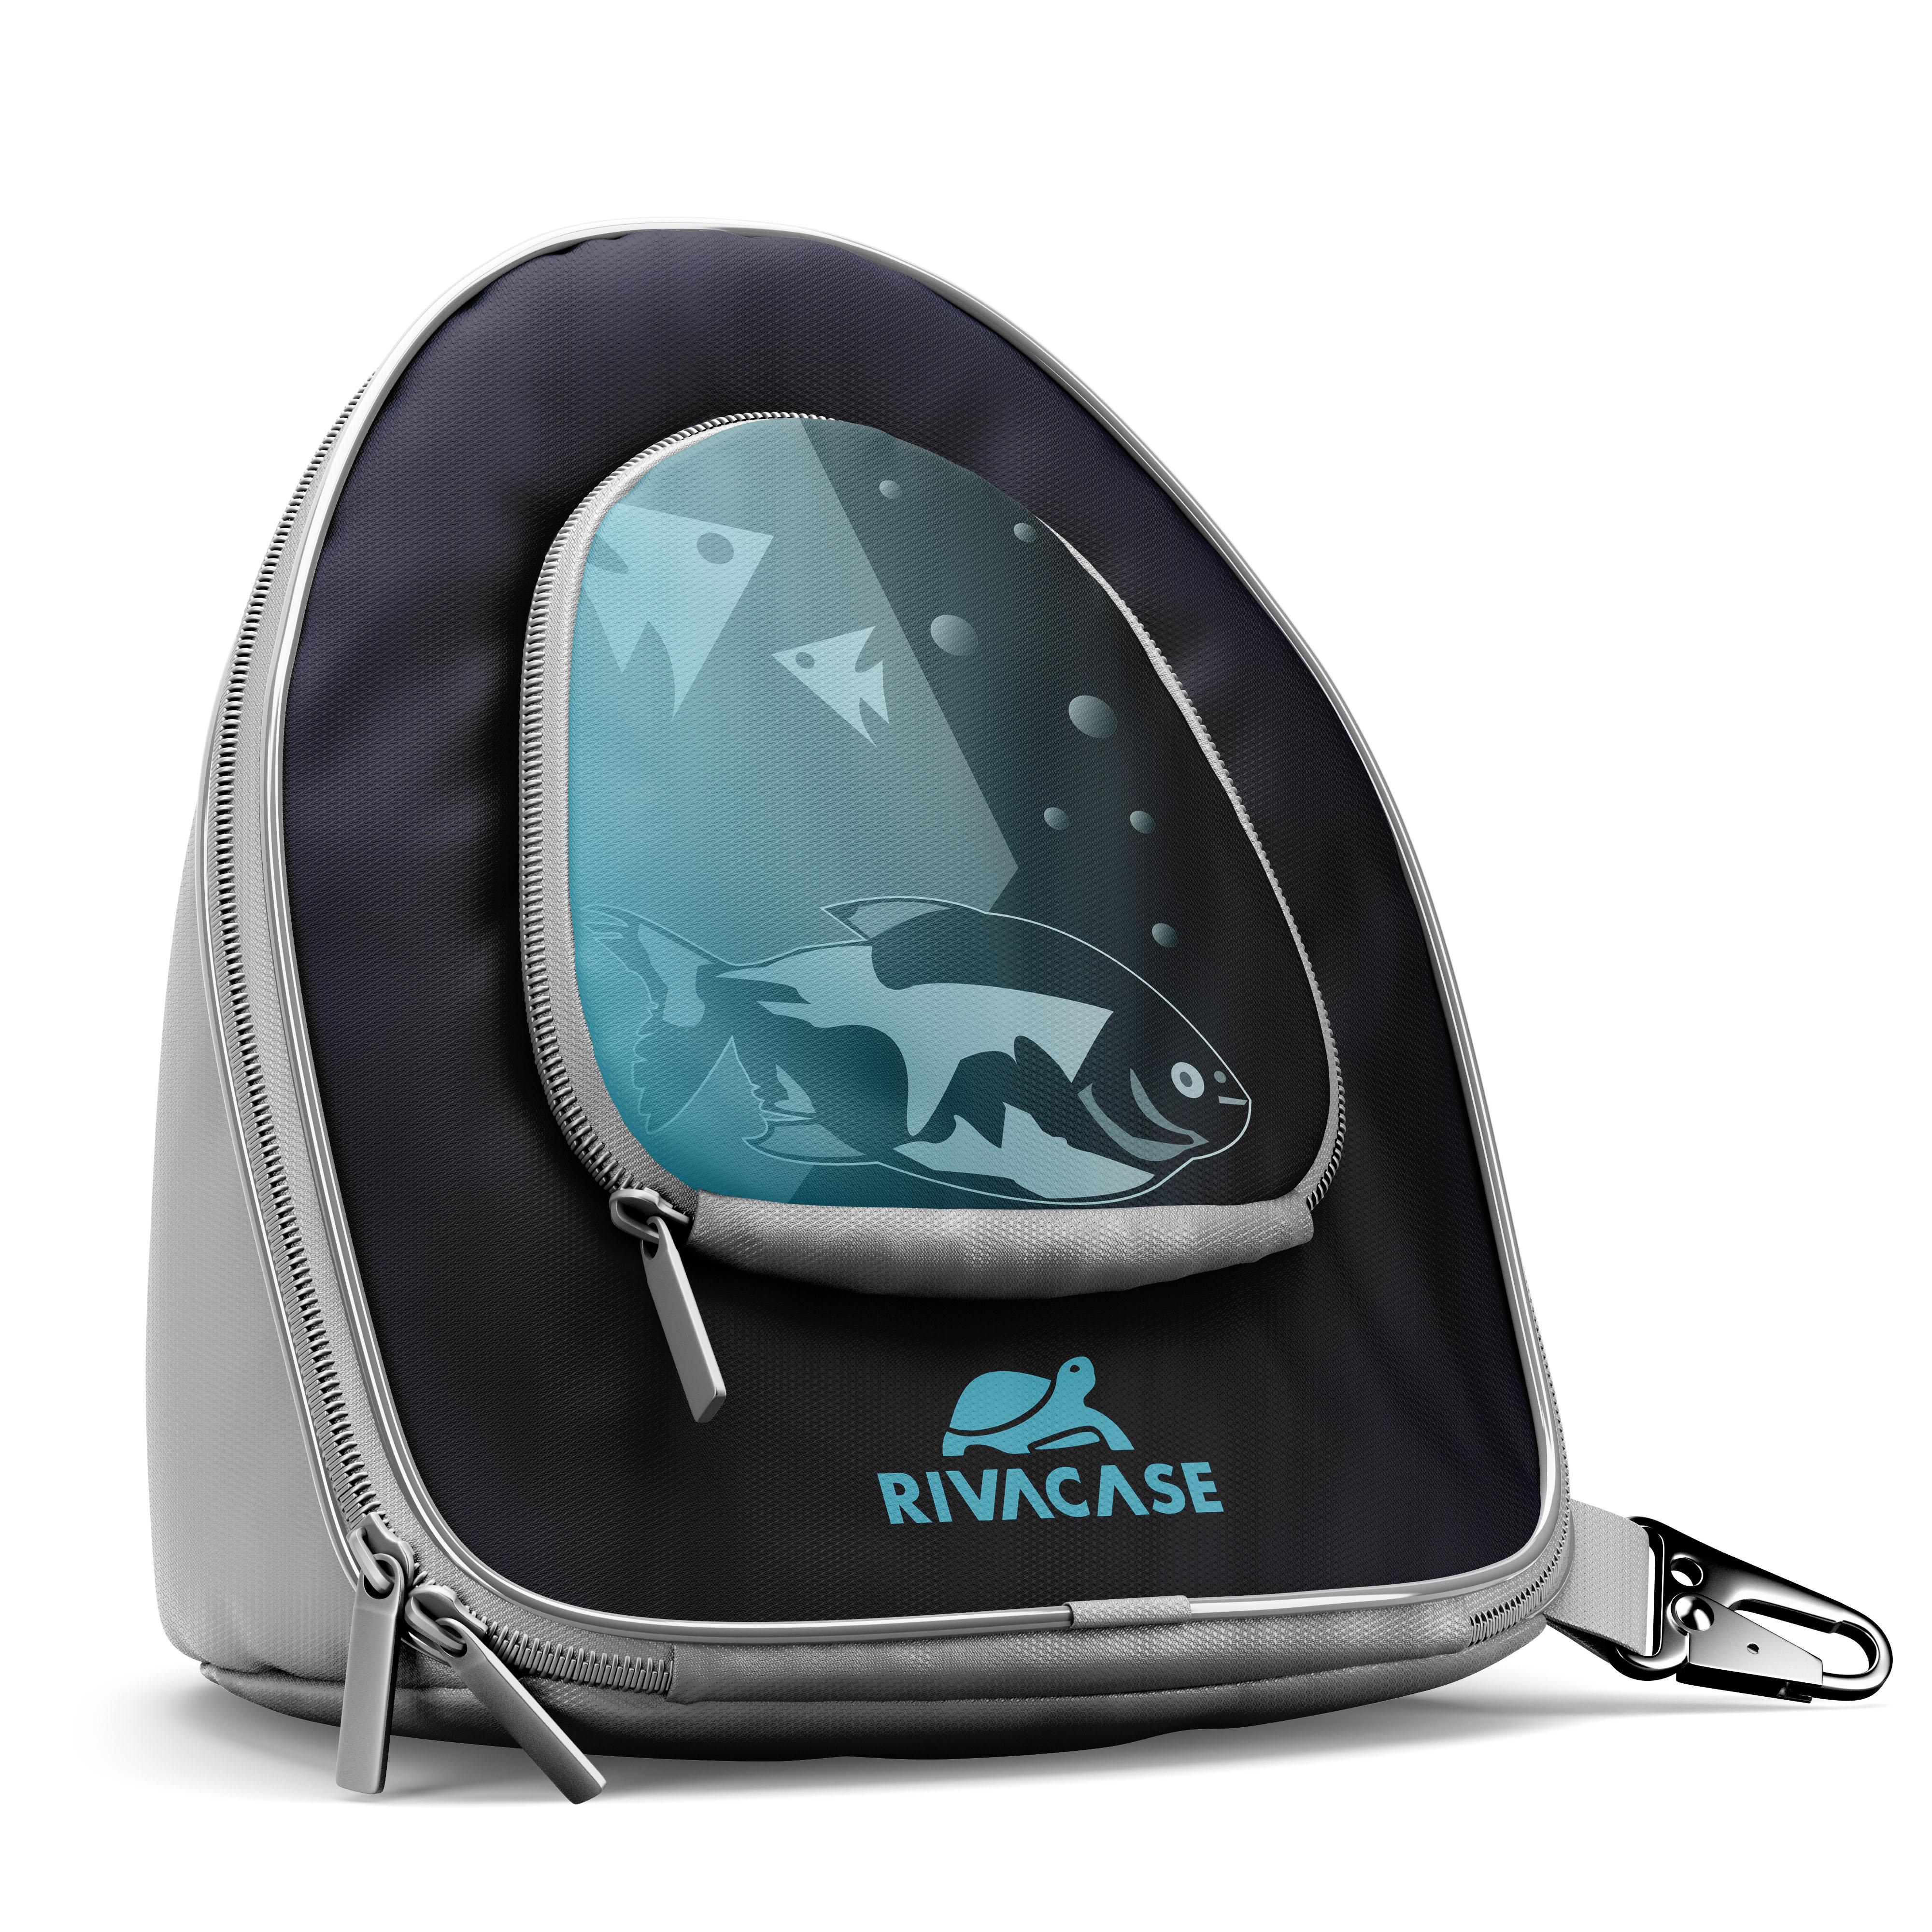 Конкурс на создание оригинального принта для рюкзаков фото f_6835f8a234272155.jpg